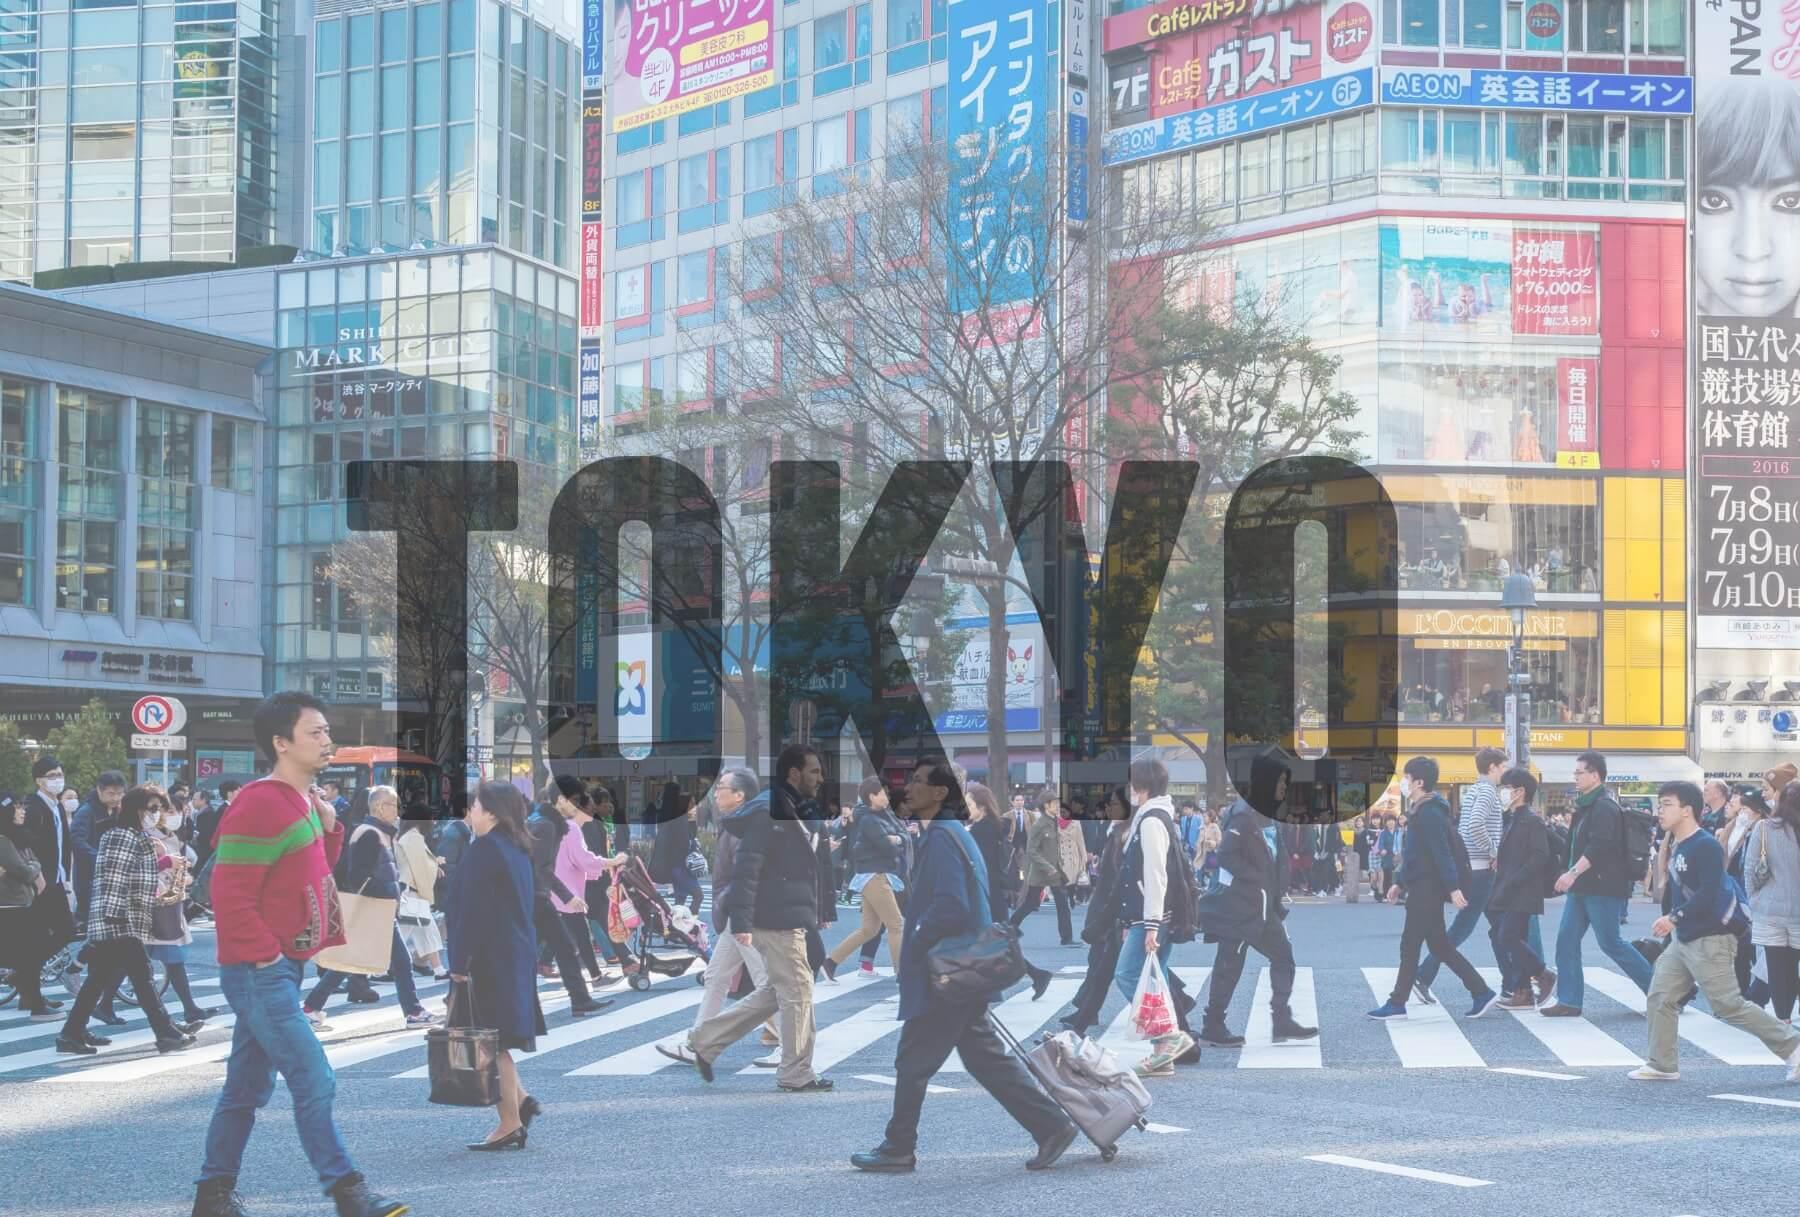 'TOKYO' (People crossing road in city)